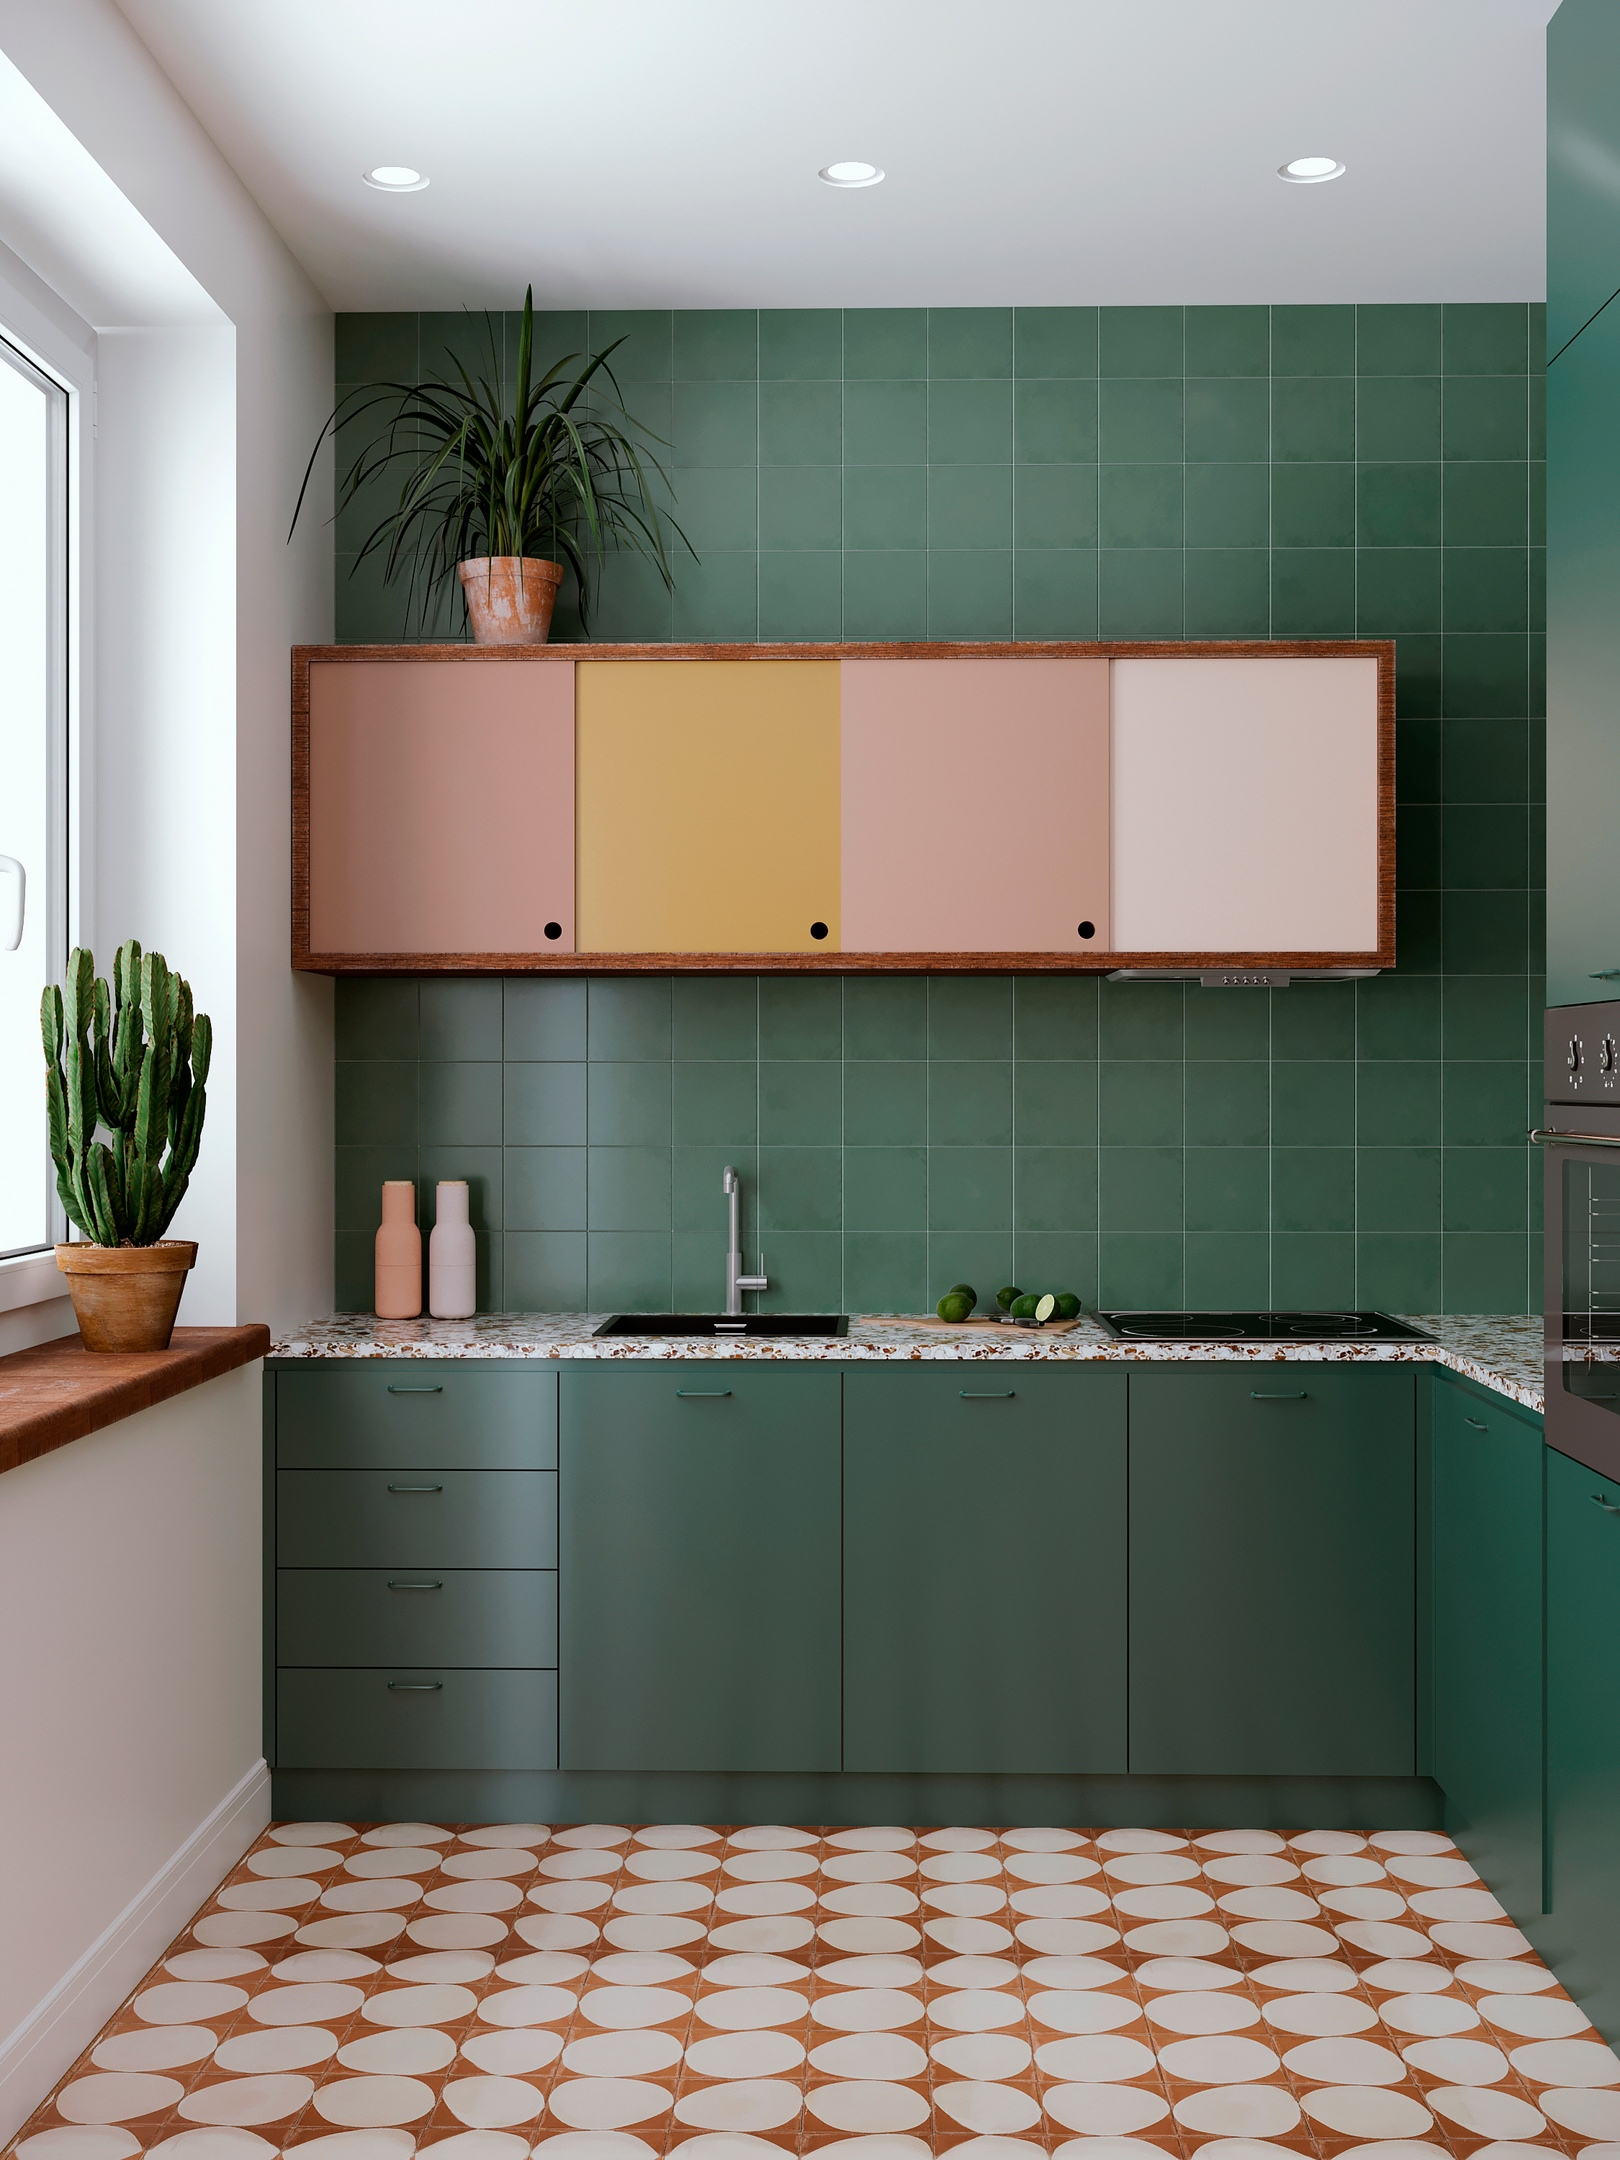 Проект интерьера квартиры с кухней-гостиной и небольшой спальней с этническими мотивами, 52 м2.